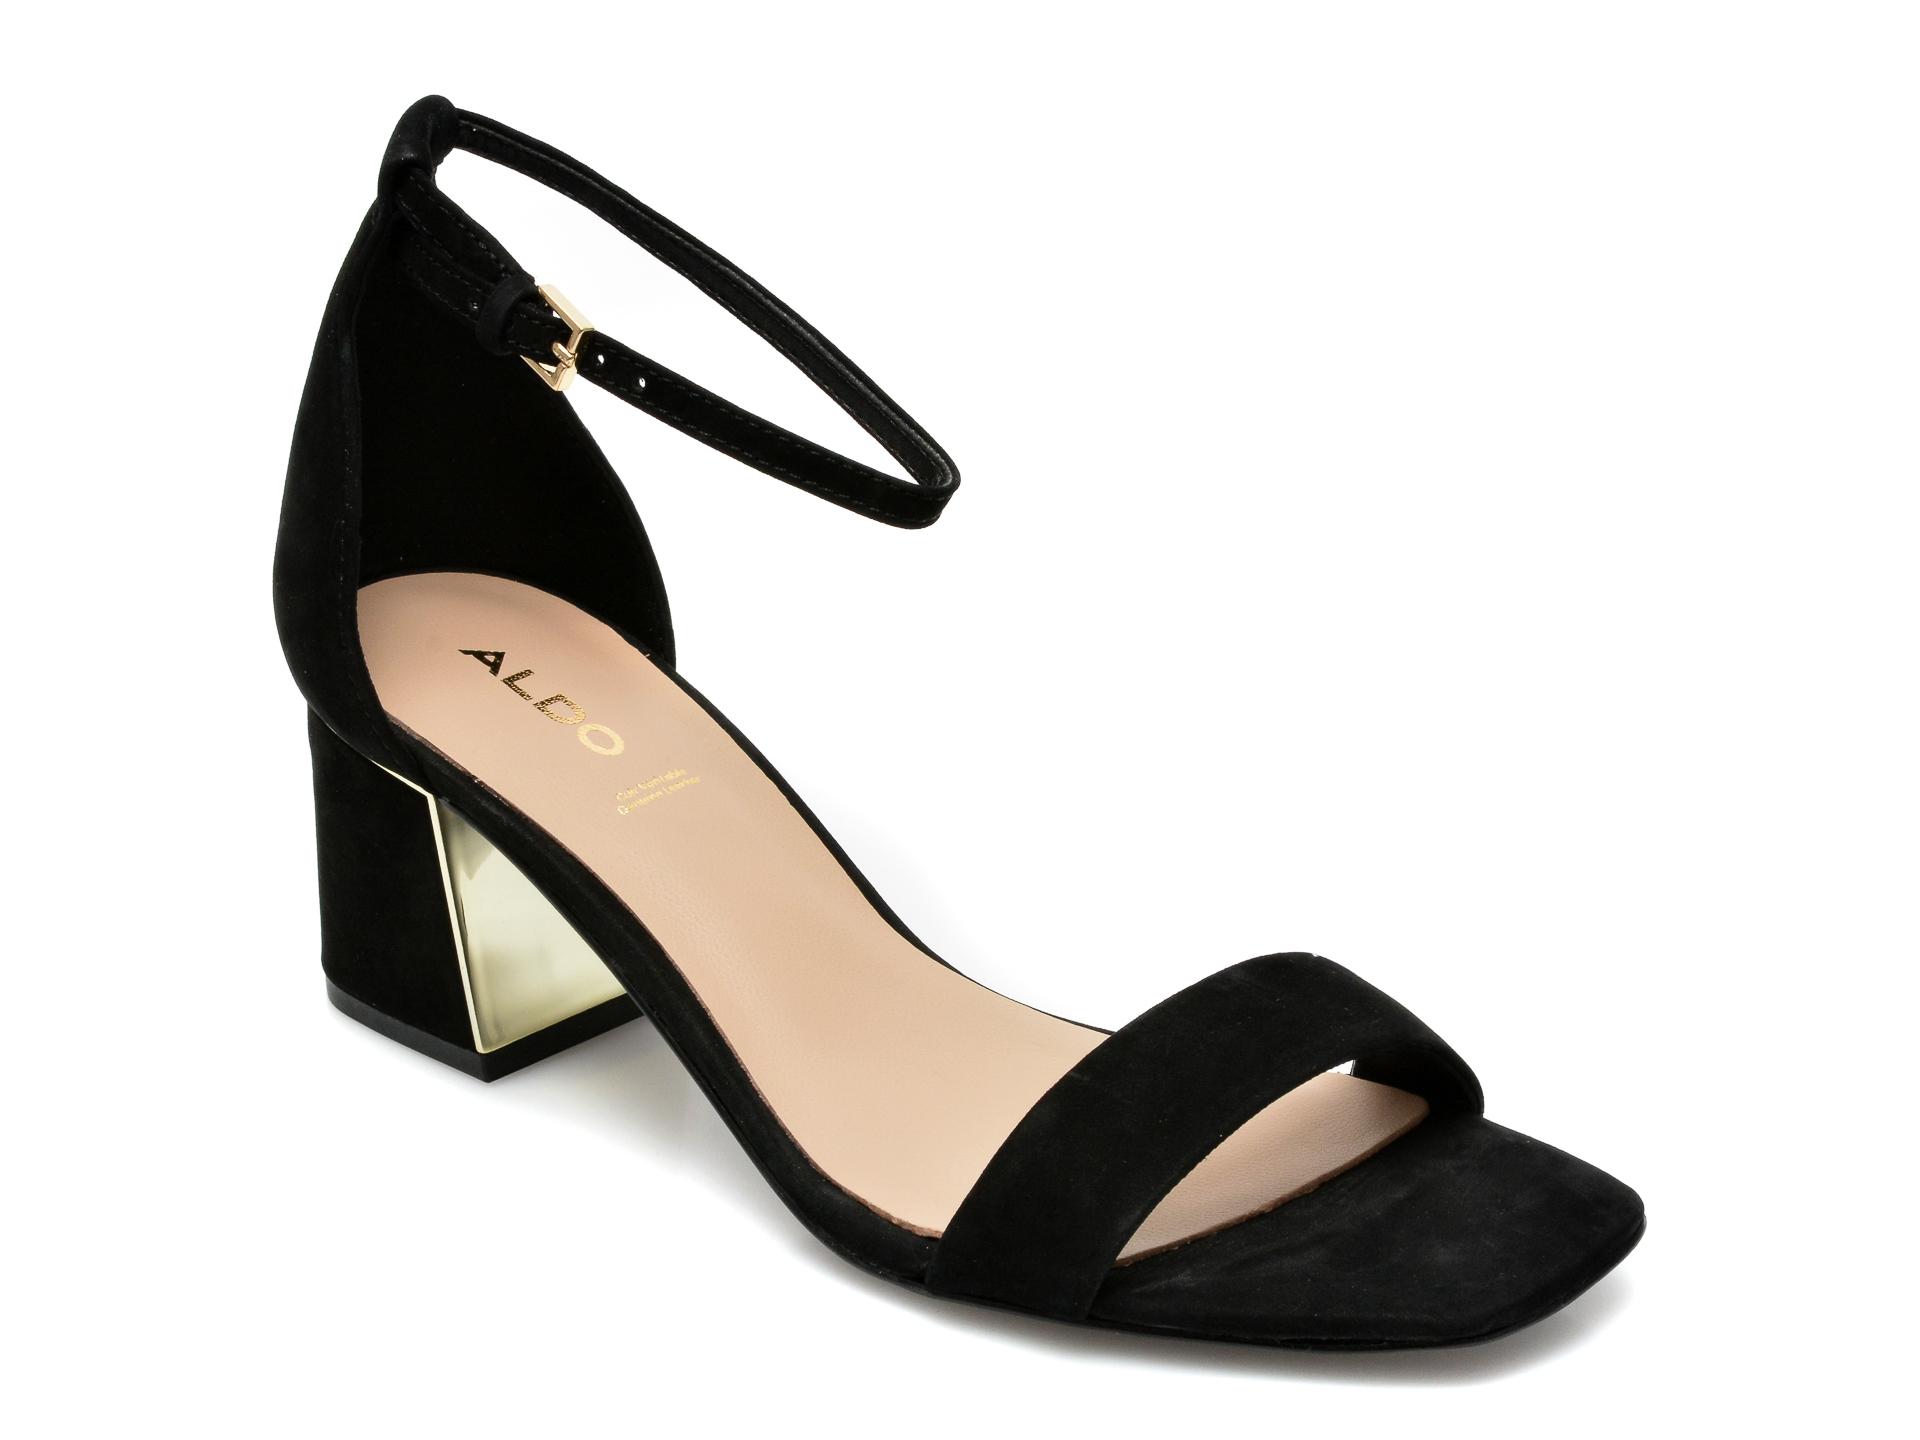 Sandale ALDO negre, Kedeaviel001, din nabuc imagine otter.ro 2021